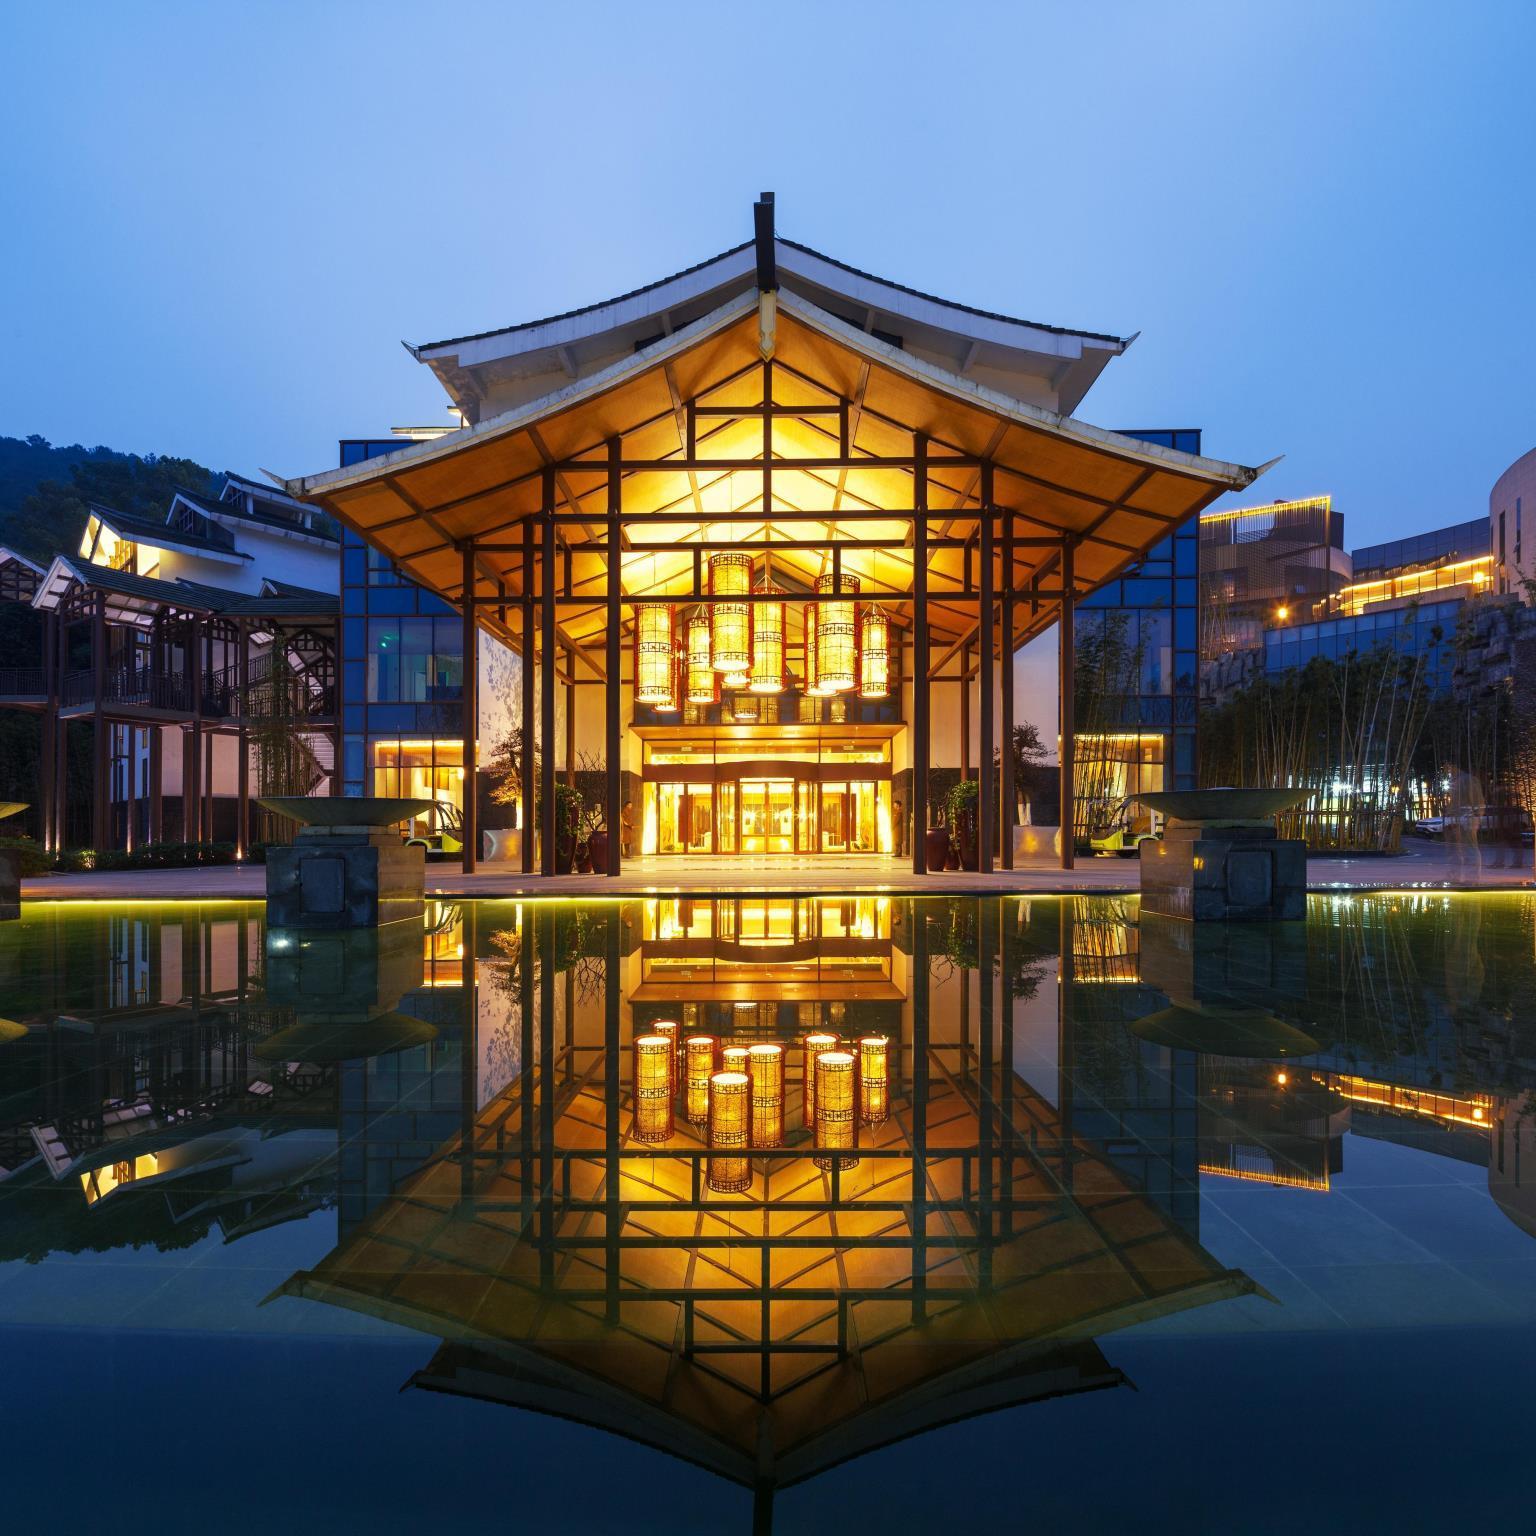 Chongqing Sheenjoy Hotel